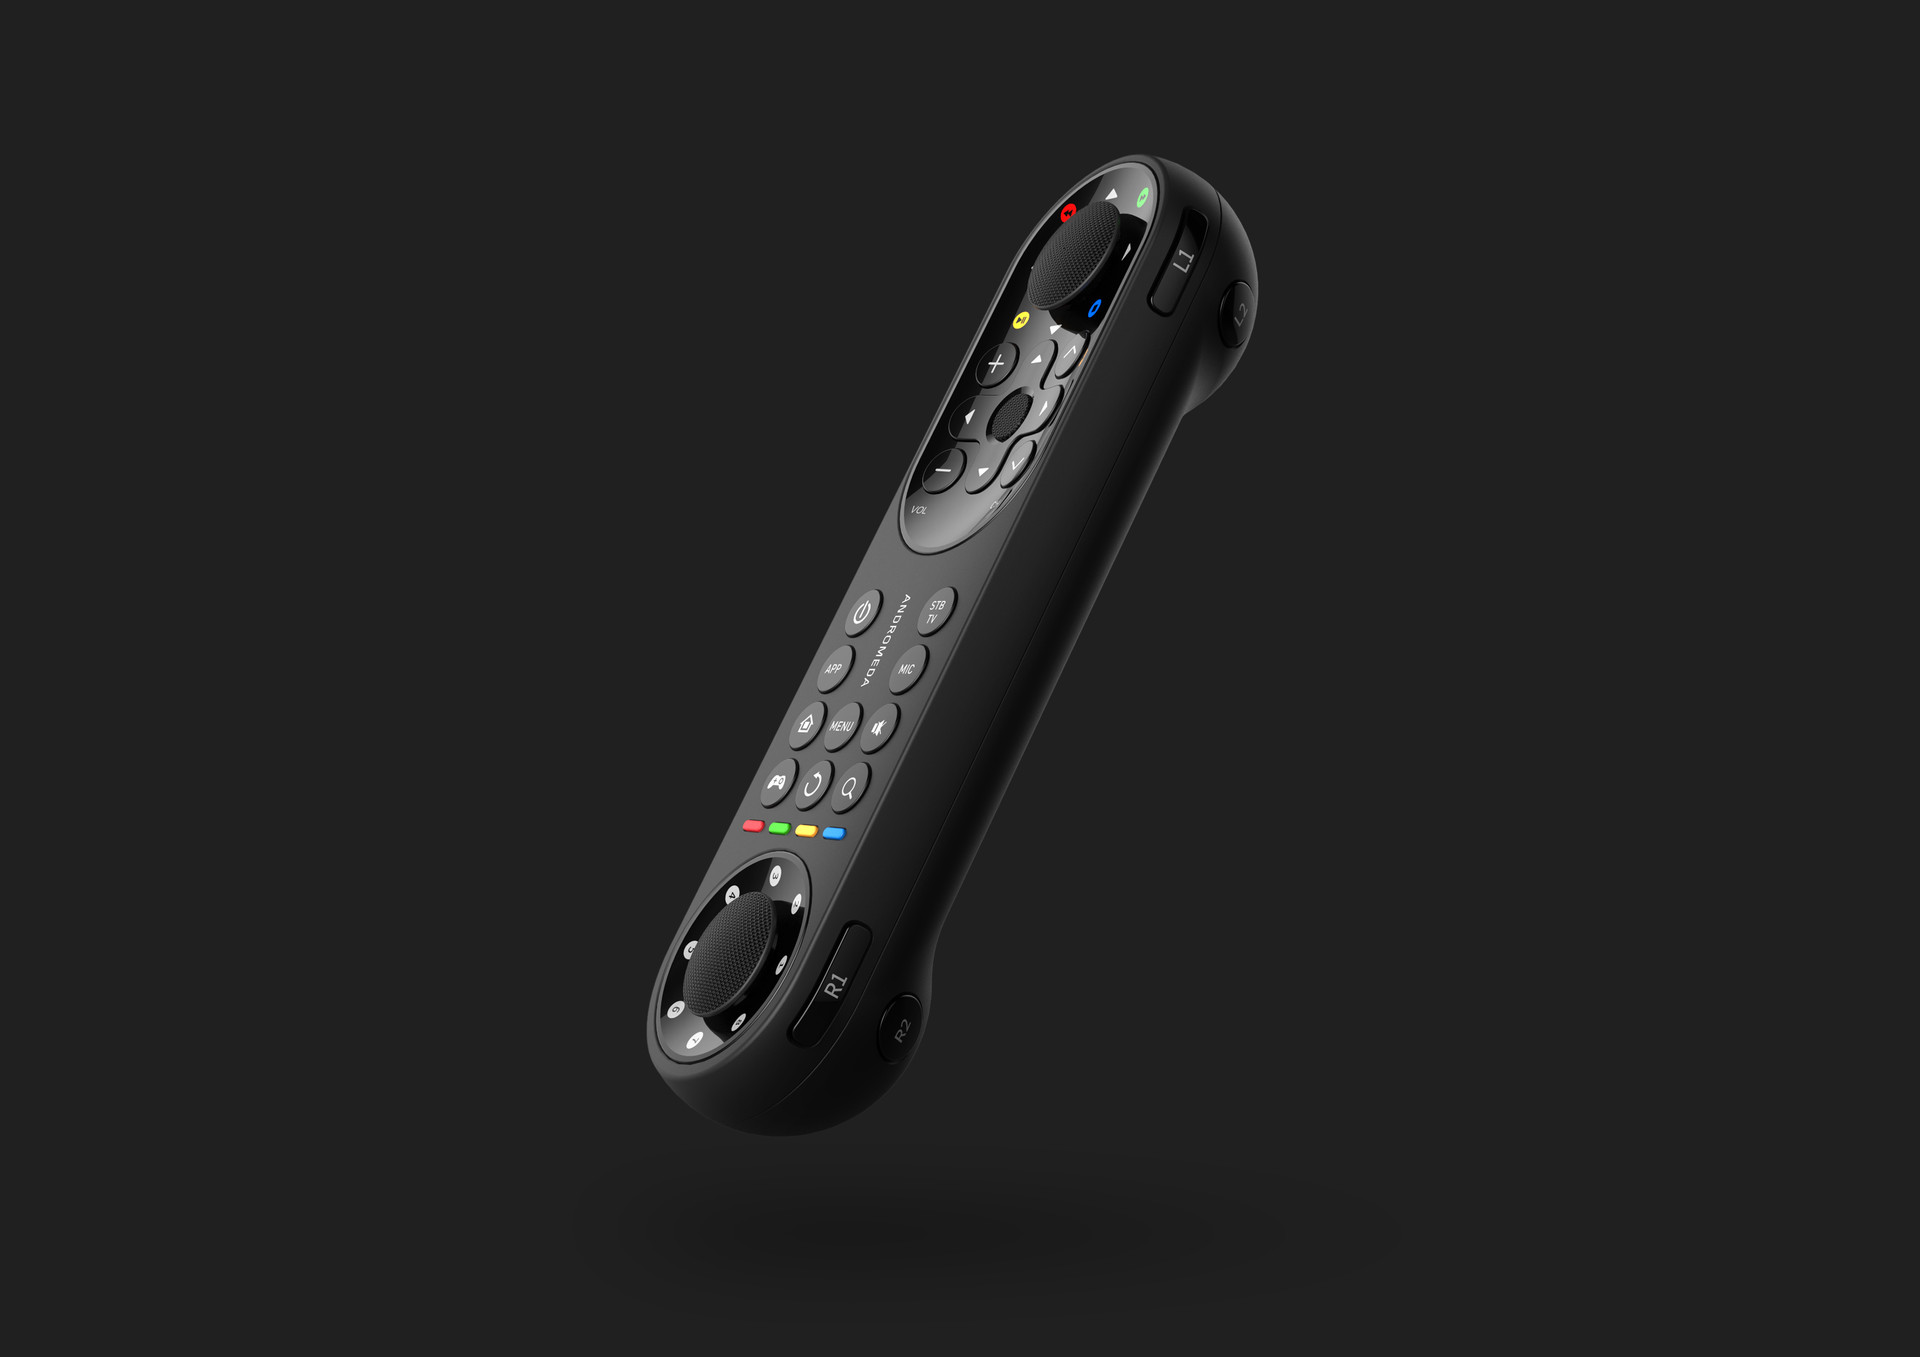 remote_180727_04.jpg